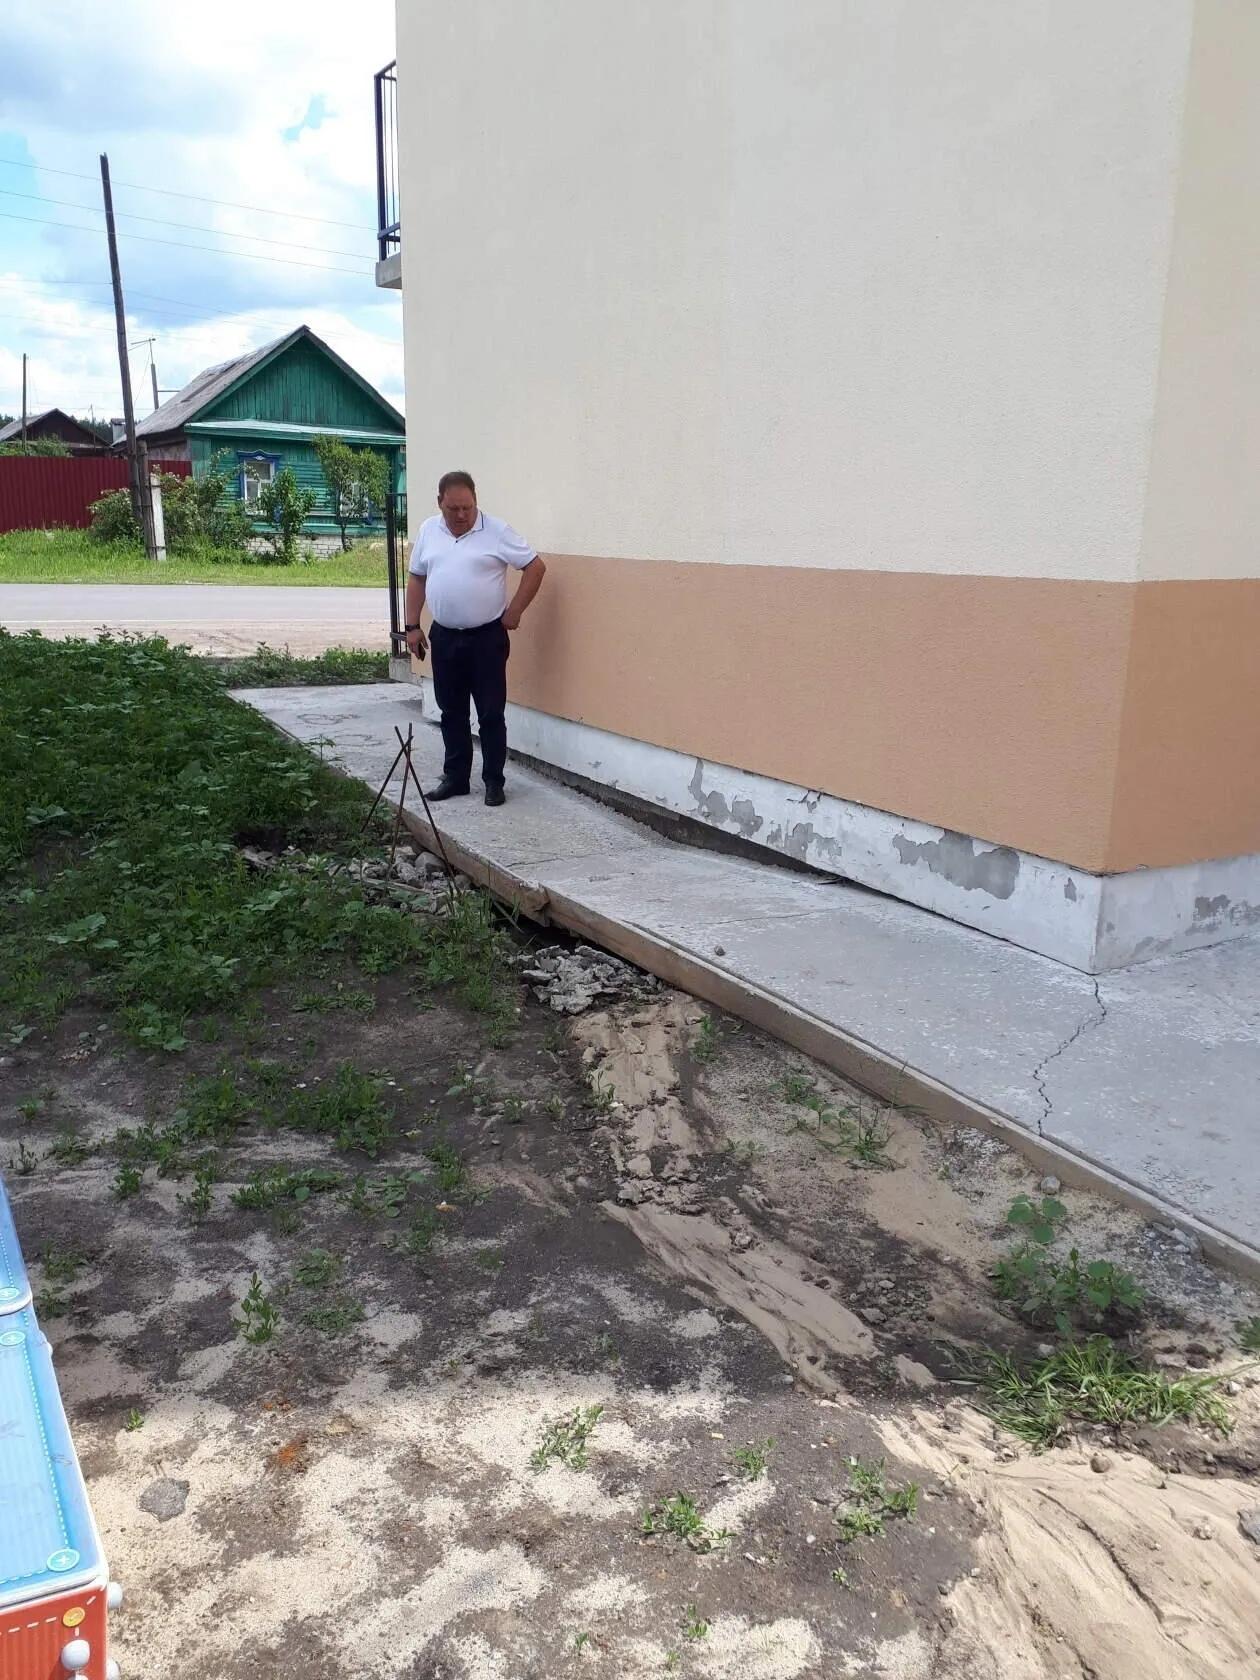 Дом для детей-сирот в Петровске: администрация муниципалитета подготовит обращения в Управление капитального строительства министерства строительства и ЖКХ области